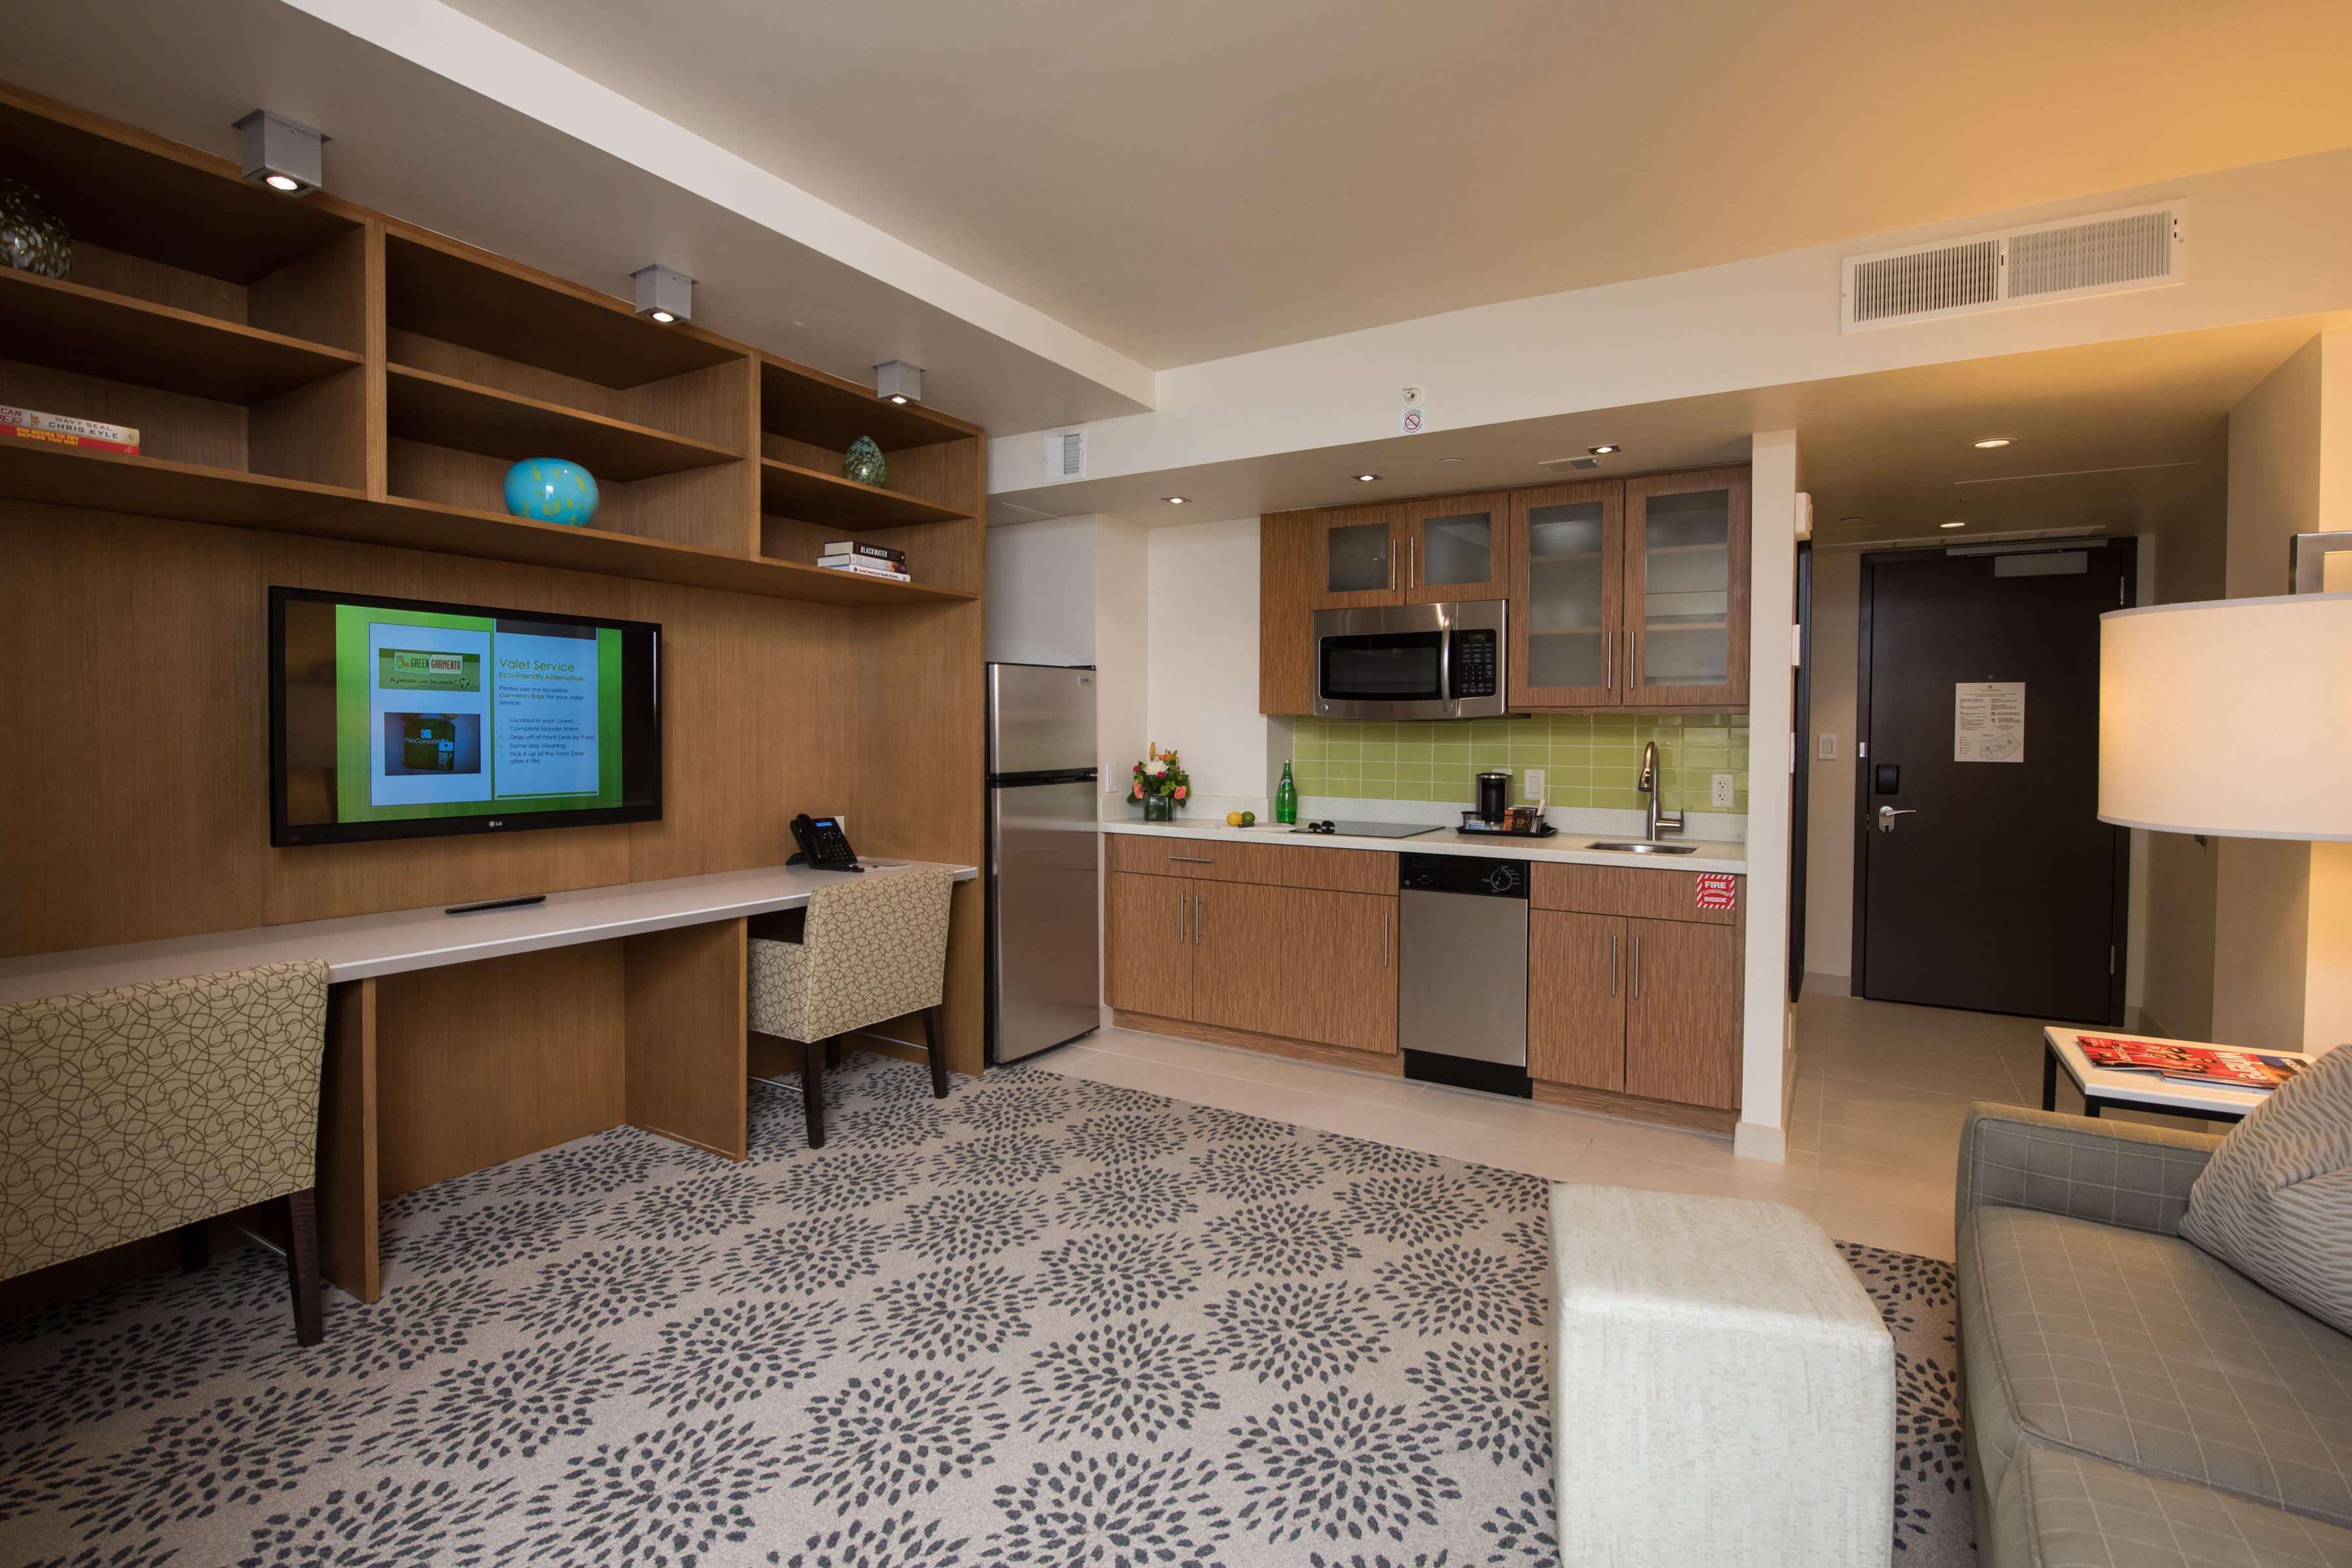 The Concordia, Washington Queen Room ADA